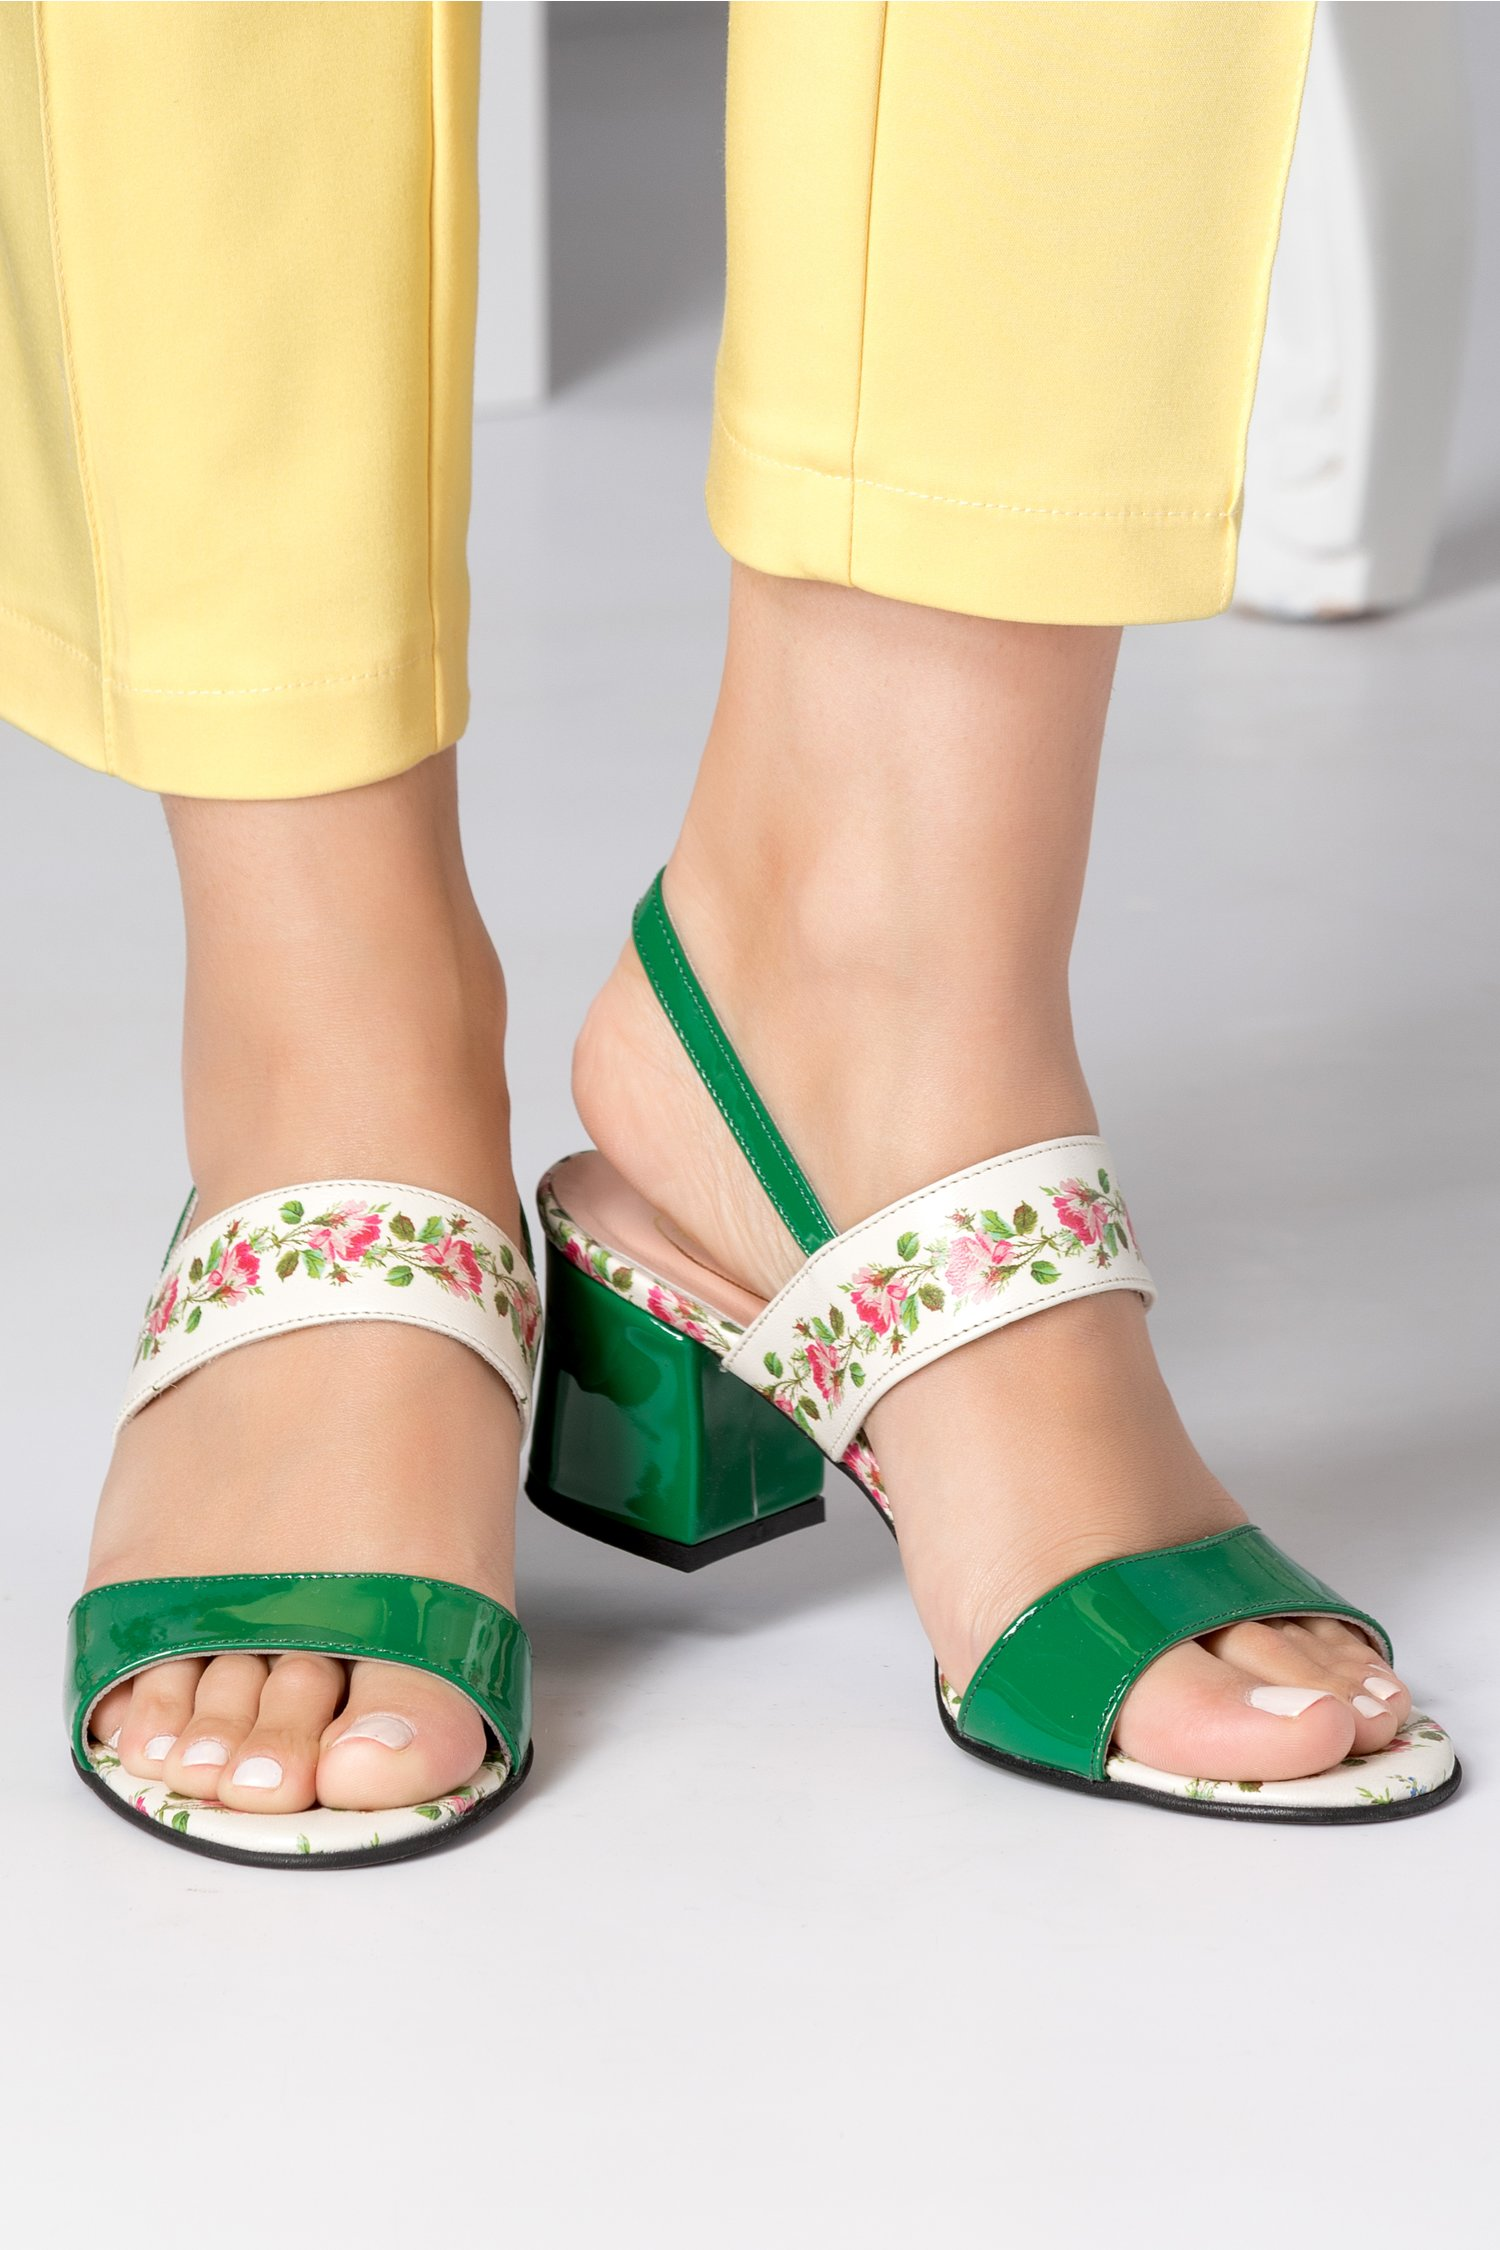 Sandale dama cu toc jos verzi cu insertii florale